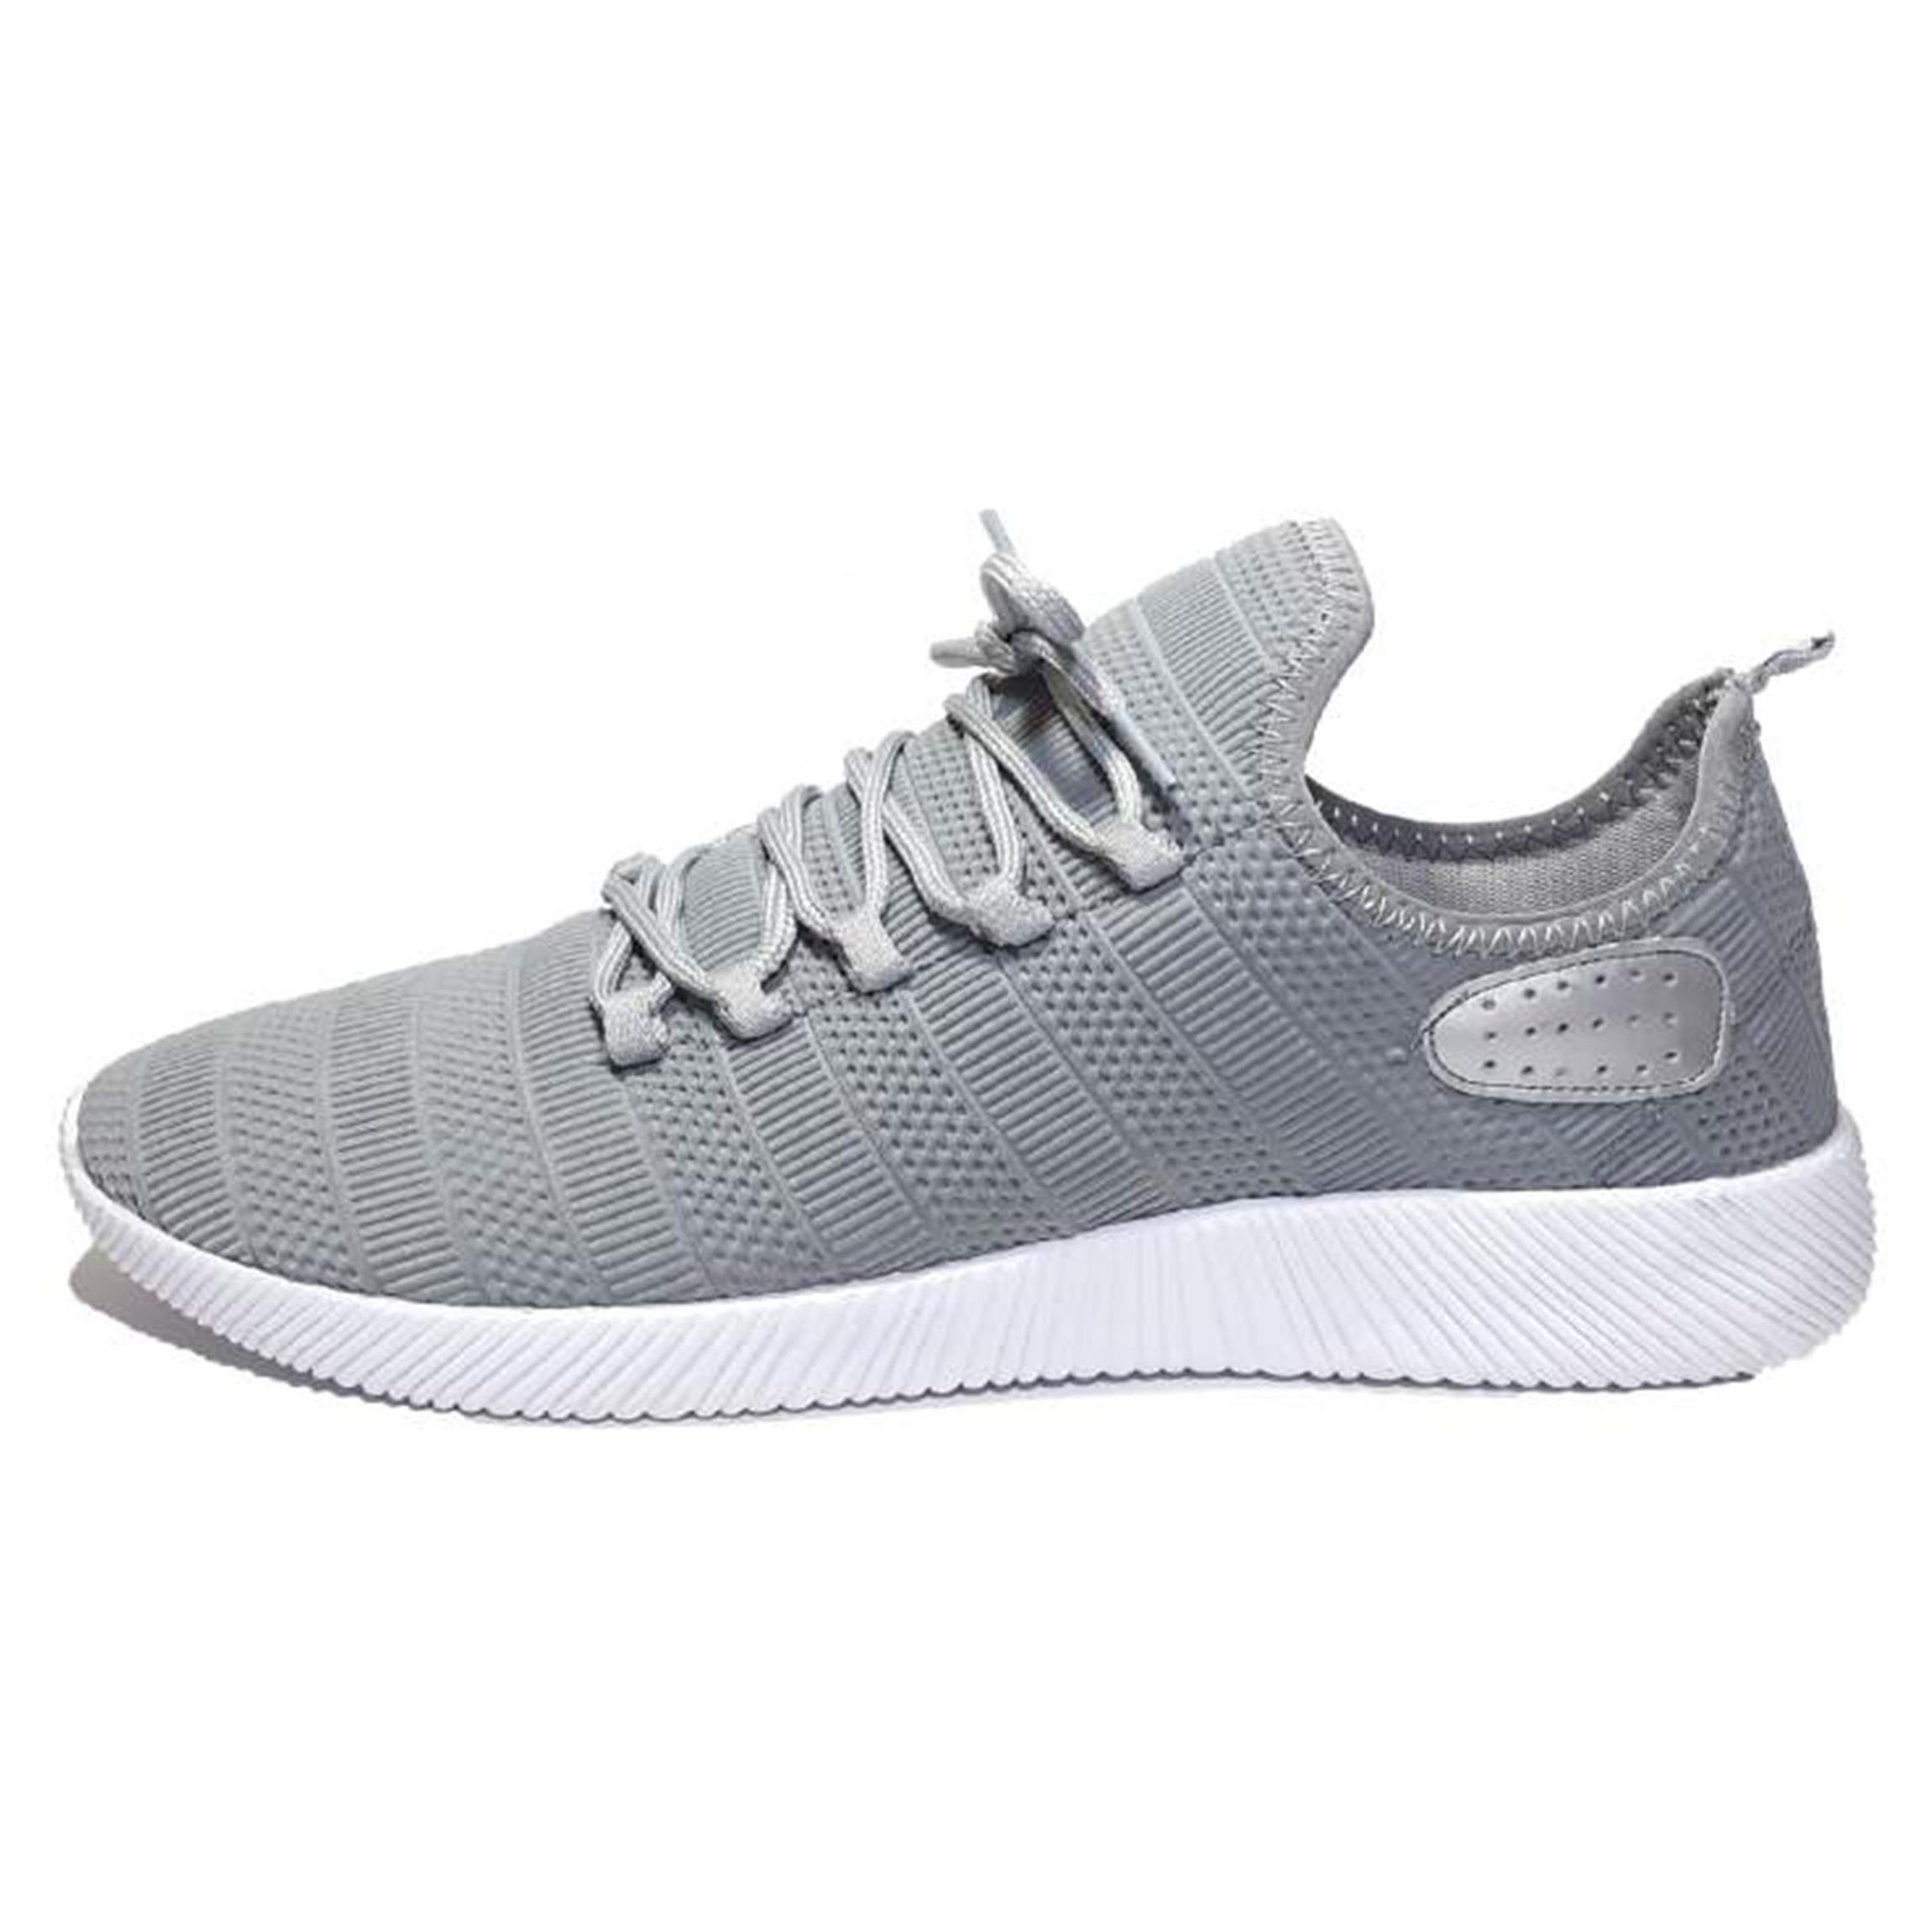 کفش مخصوص پیاده روی مردانه کد 98030